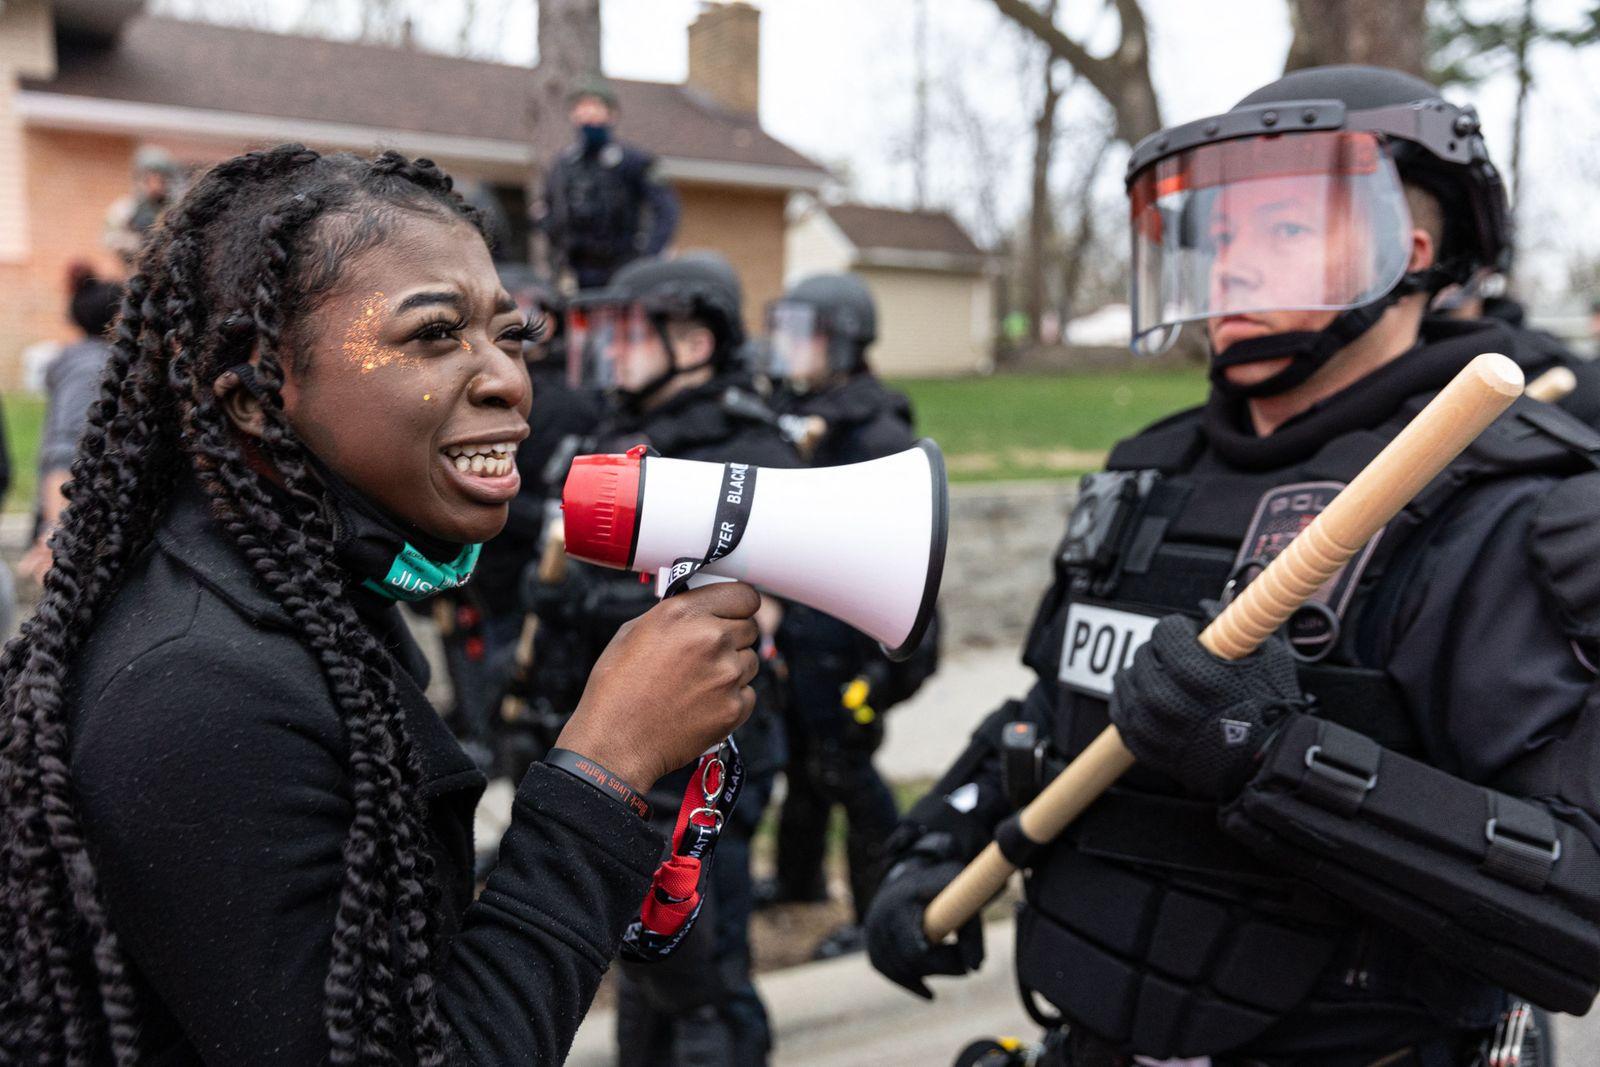 US-POLICE-CRIME-UNREST